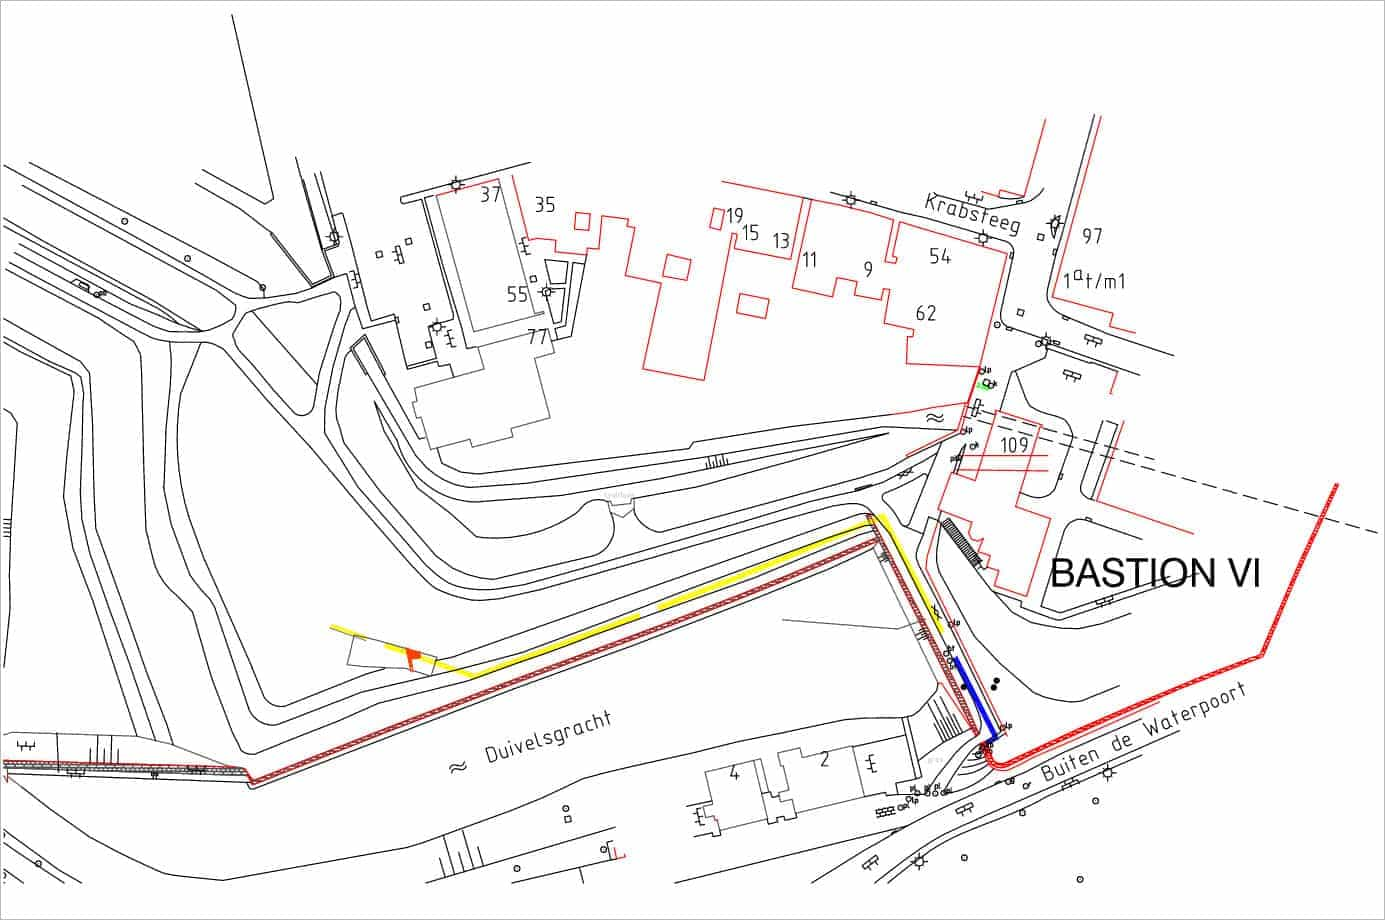 Blauwe Toren Gorinchem Bastions V en VI met de geplande damwand (geel) en de proefsleuf (oranje vlagje)